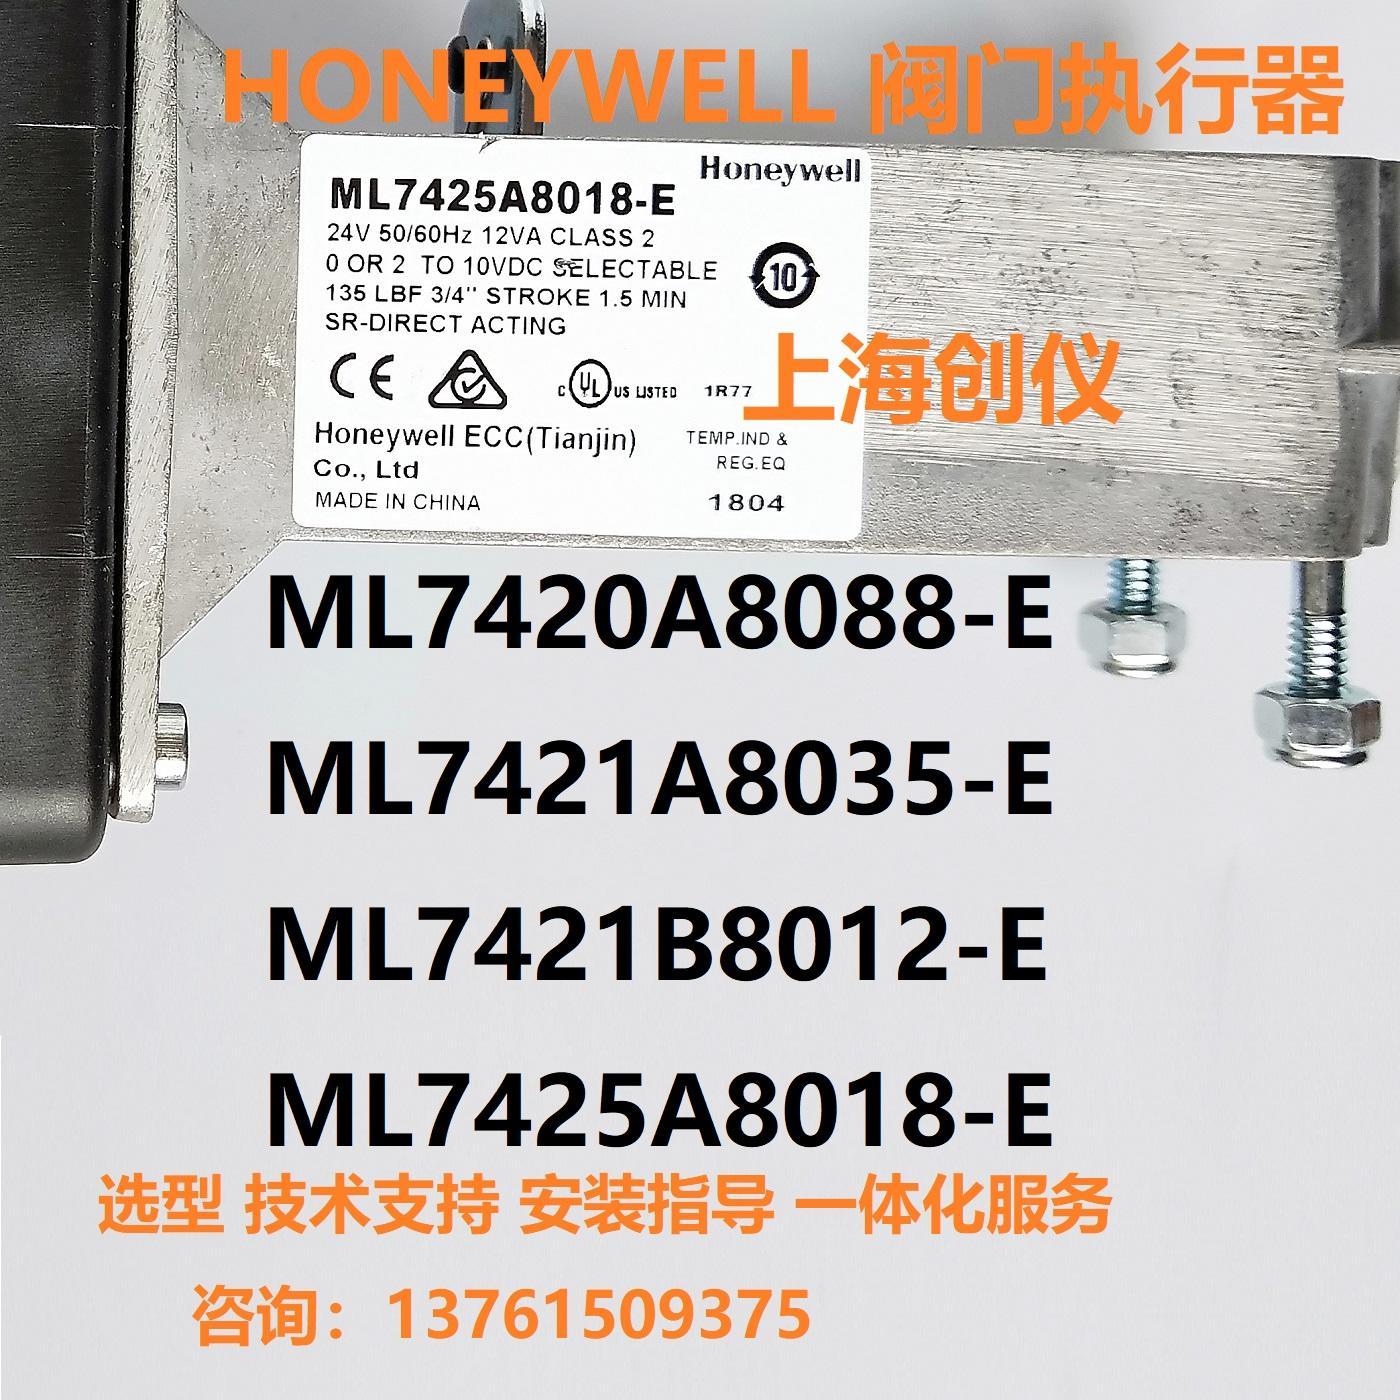 ML7425A8018-E-2019 (4).jpg